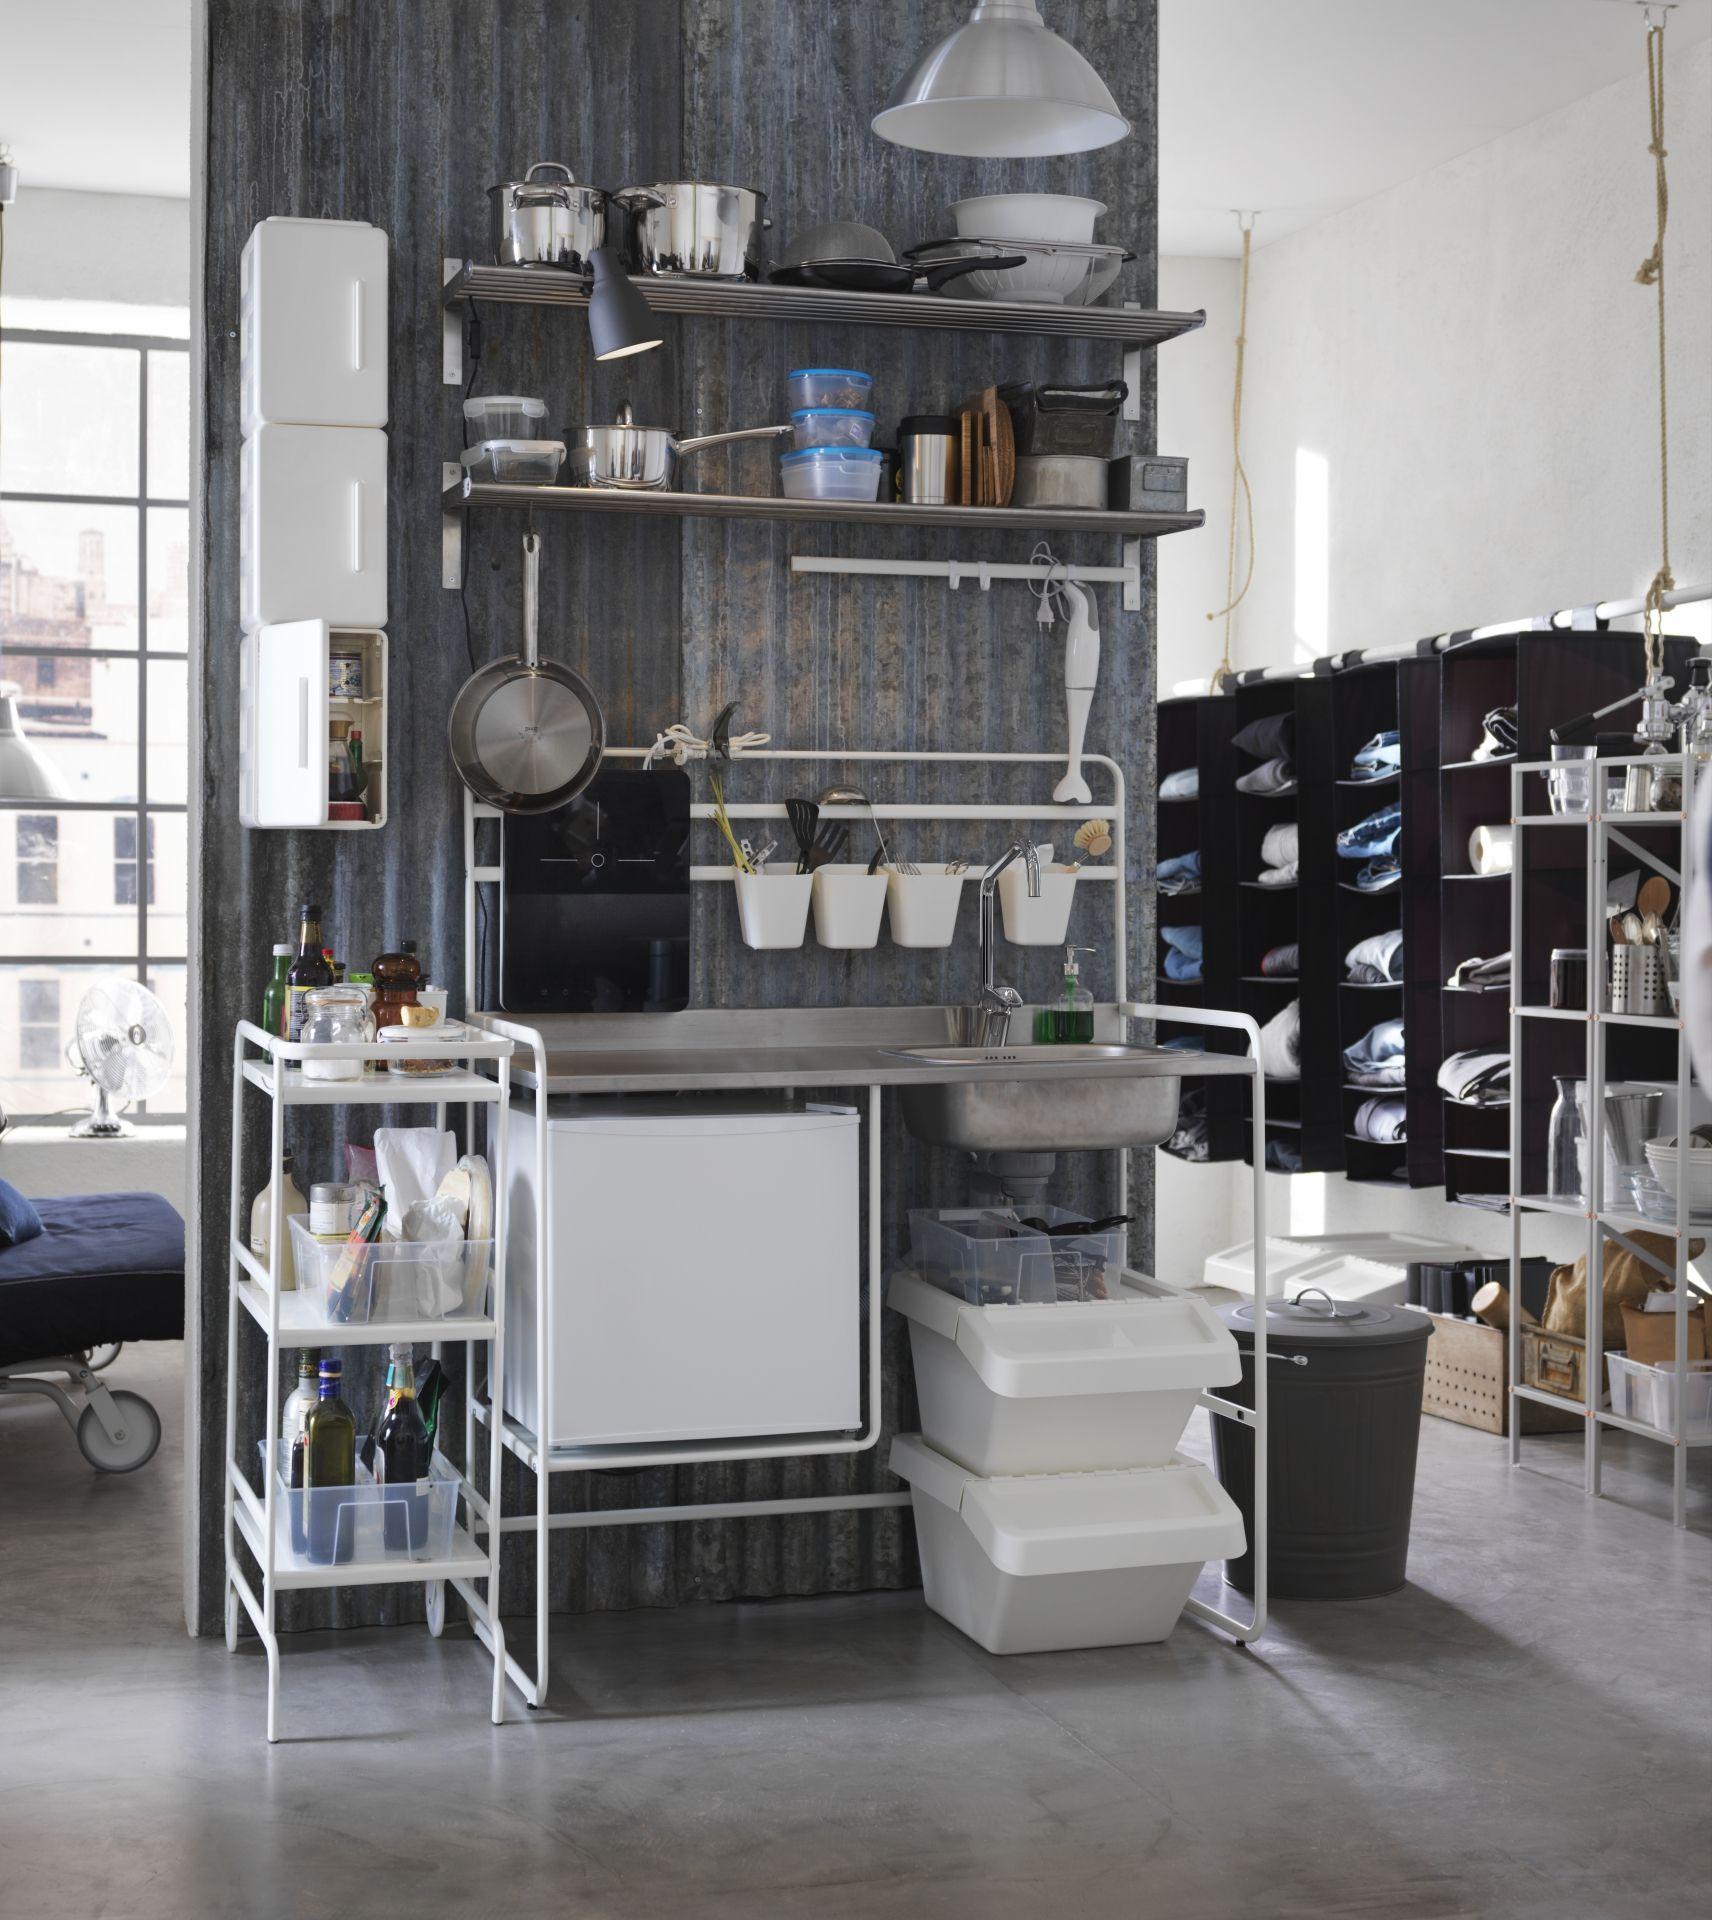 Full Size of Küche Ikea Kosten Betten Bei Modulküche Miniküche Kaufen Sofa Mit Schlaffunktion 160x200 Wohnzimmer Miniküchen Ikea